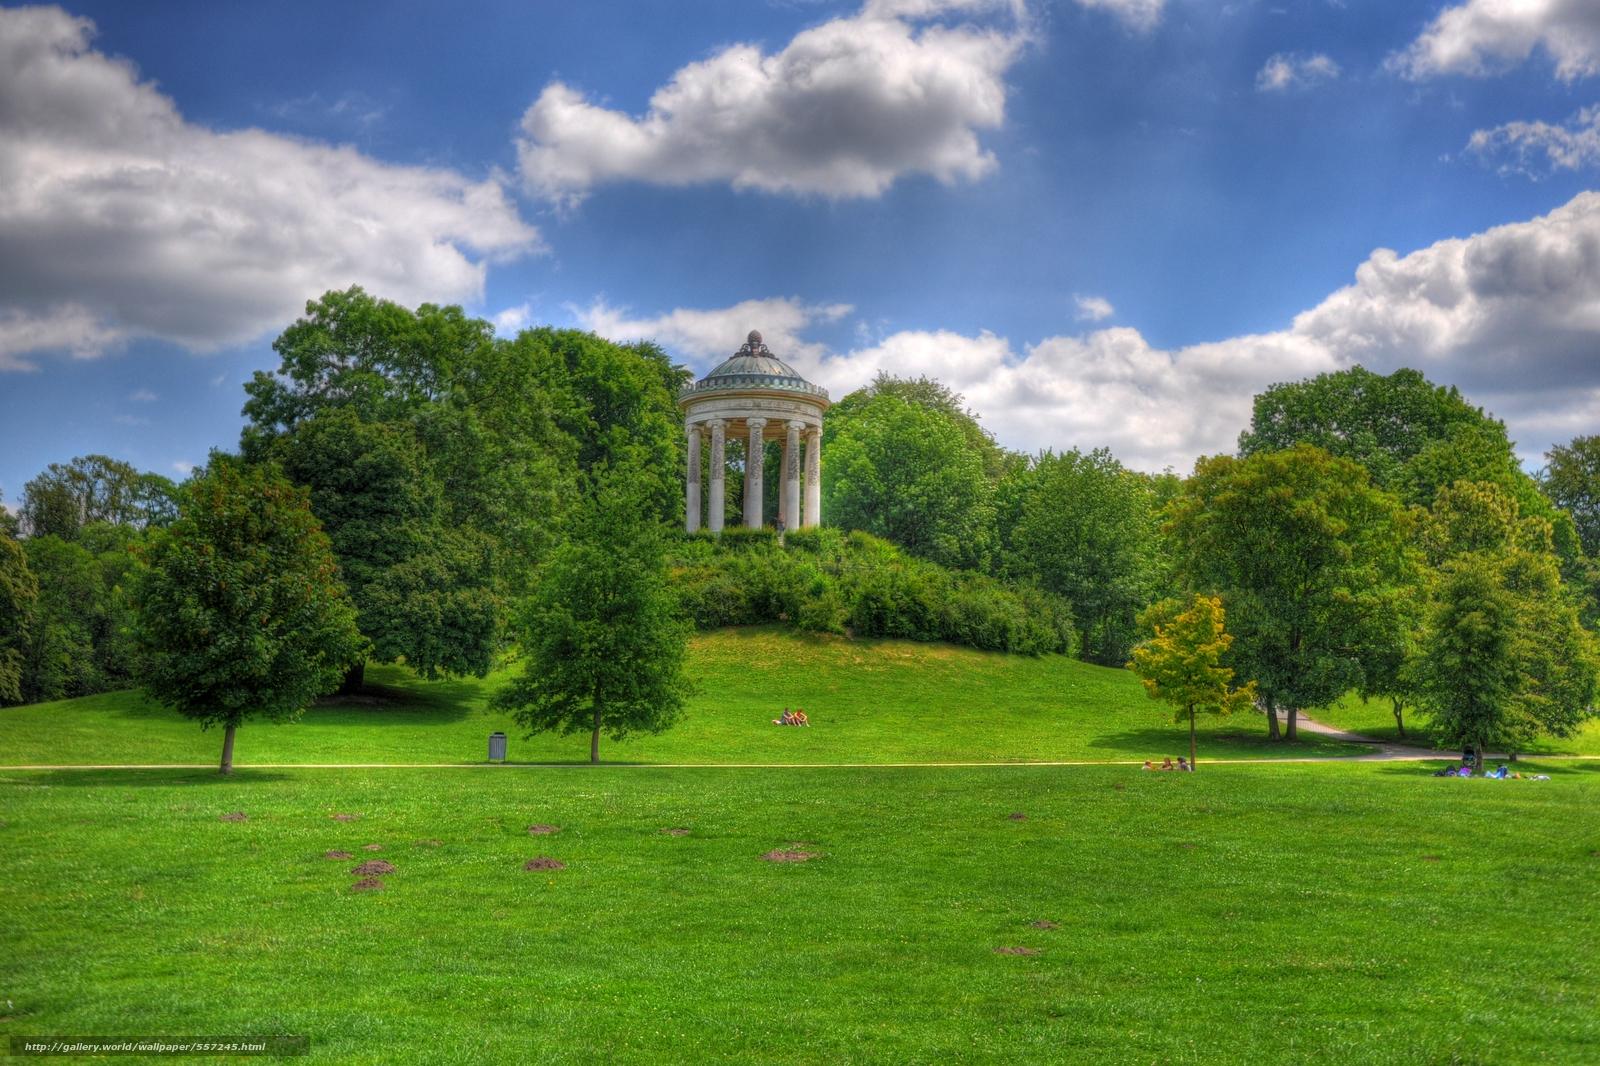 Tlcharger fond d 39 ecran jardins anglais montopolis domaine arbres fonds d 39 ecran gratuits pour - Fond d ecran jardin anglais ...